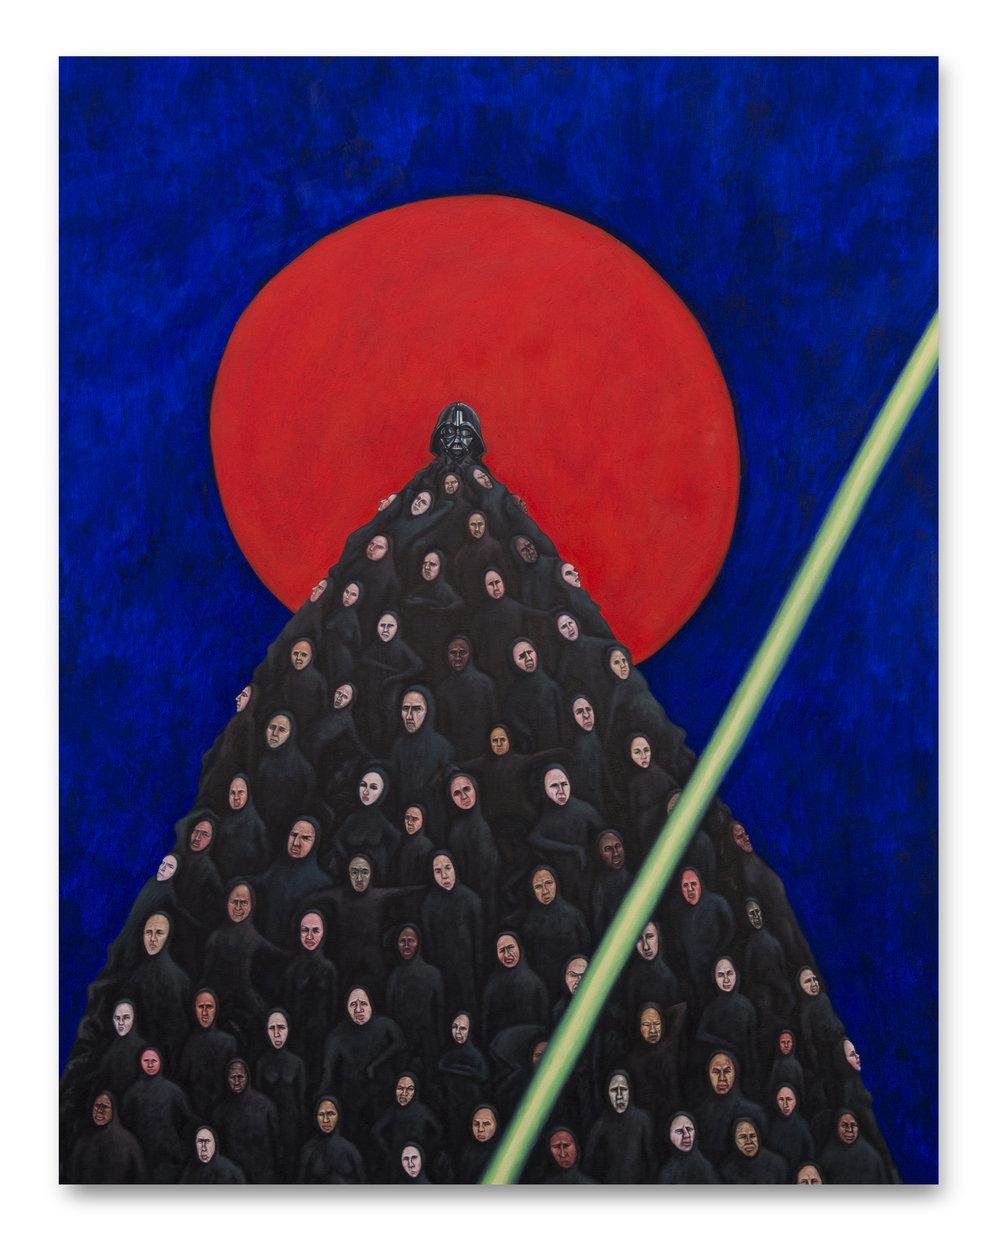 Jerarquía al atardecer ,  2016, Oil on canvas, 140 x 110 cm